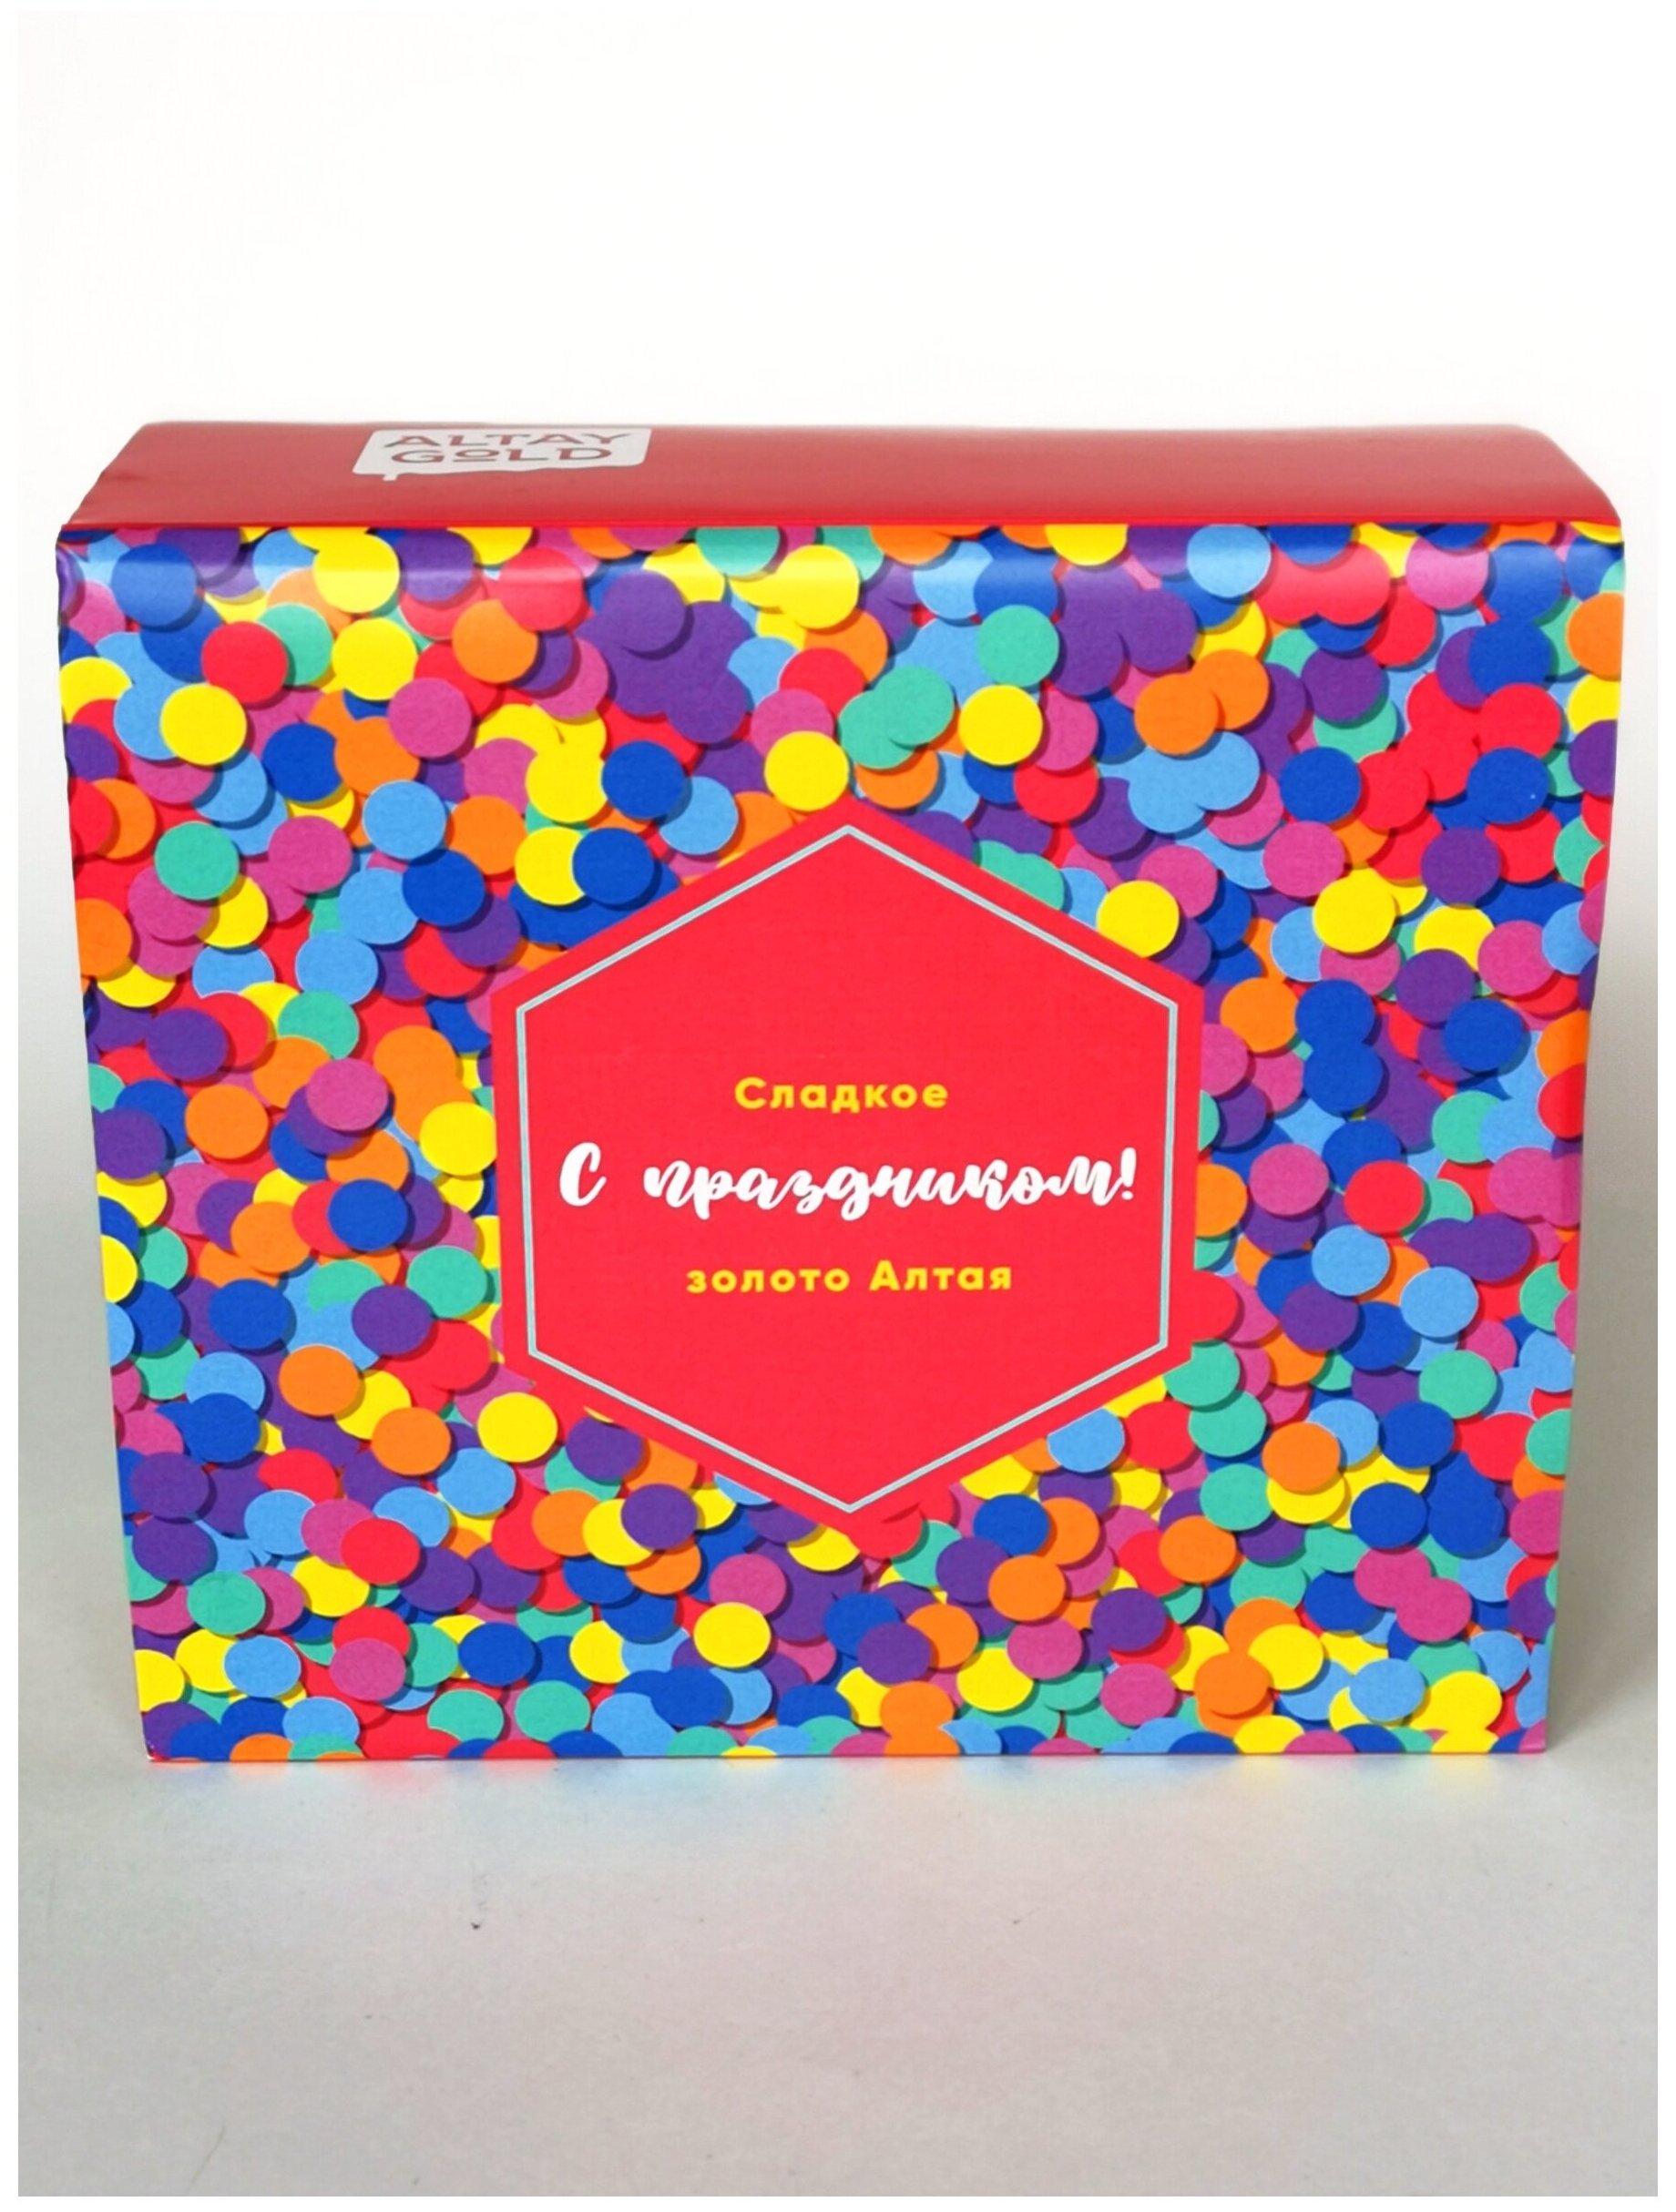 Купить Подарочный набор Крем-мед 5шт по 125гр в подарочной коробочке Altay Gold / Мёд подарочный по низкой цене с доставкой из Яндекс.Маркета